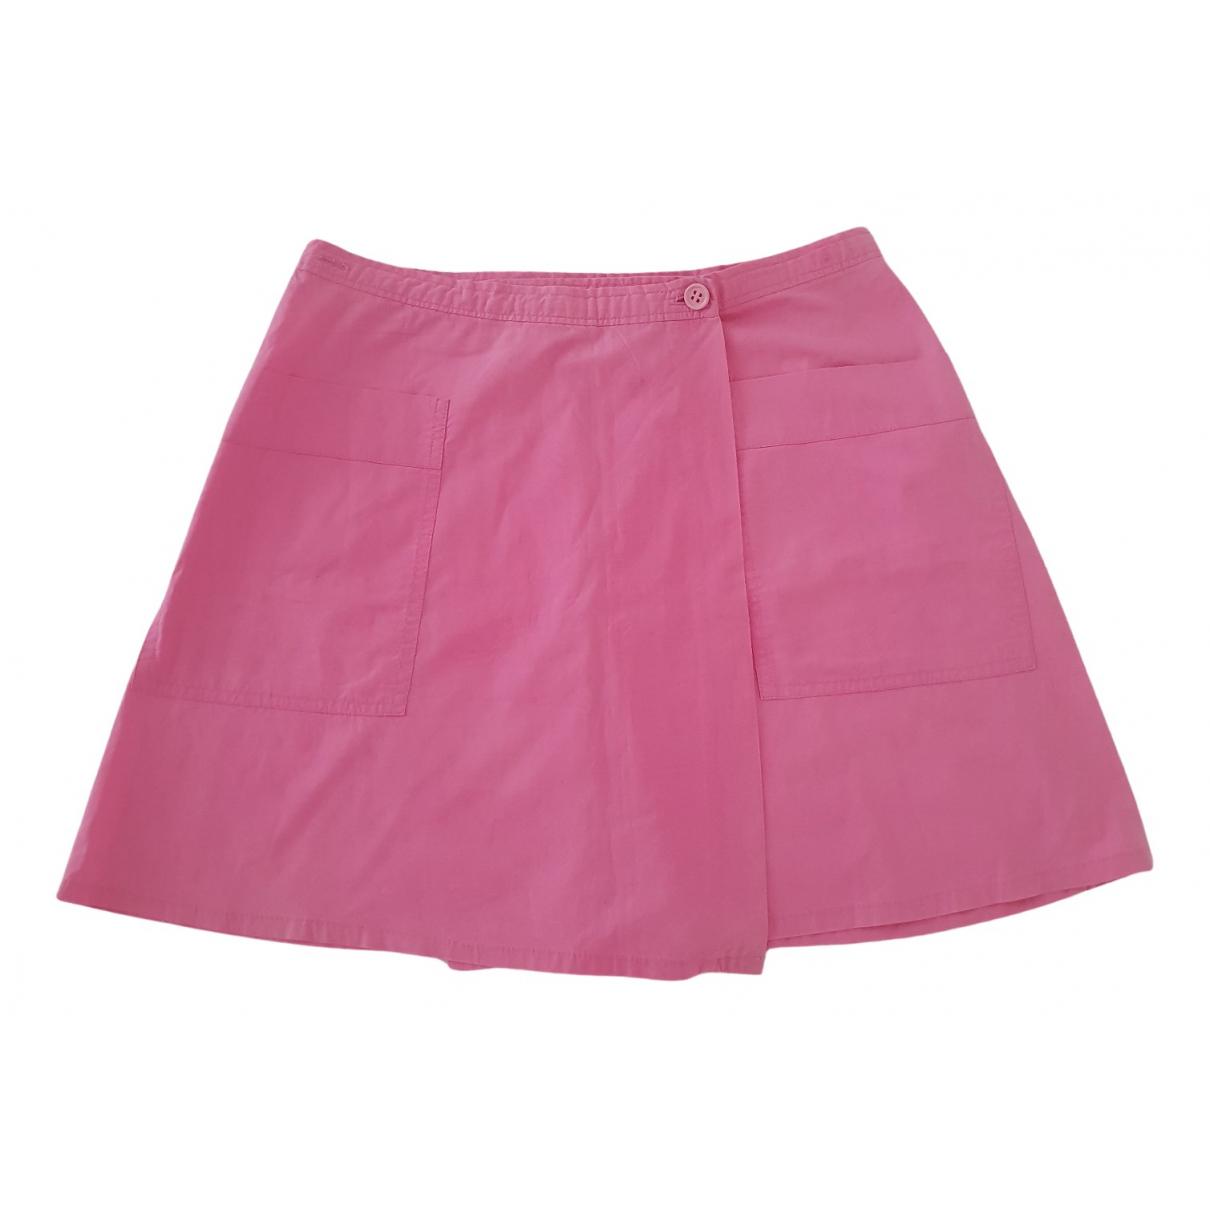 Claudie Pierlot - Jupe   pour femme en coton - rose